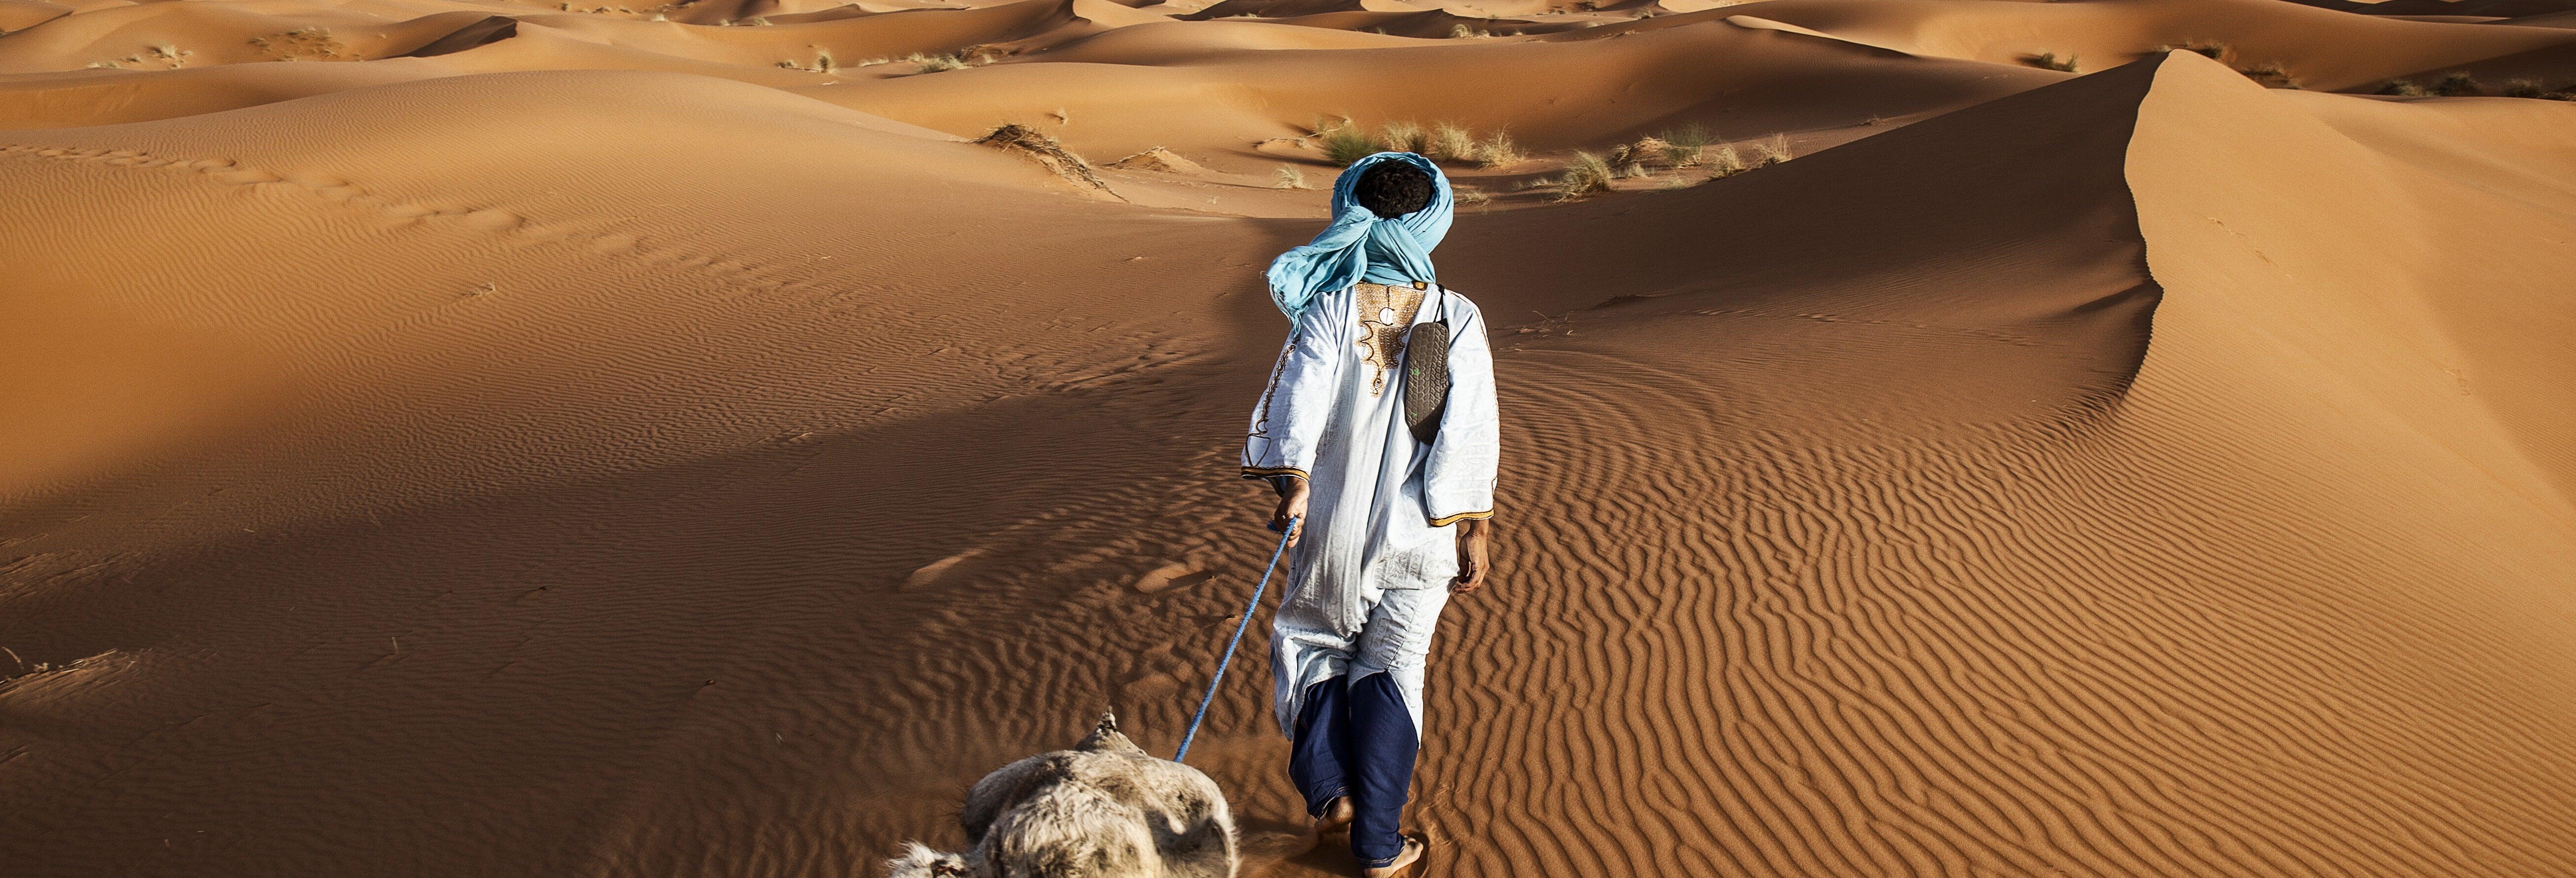 4 Day Merzouga Desert Trip